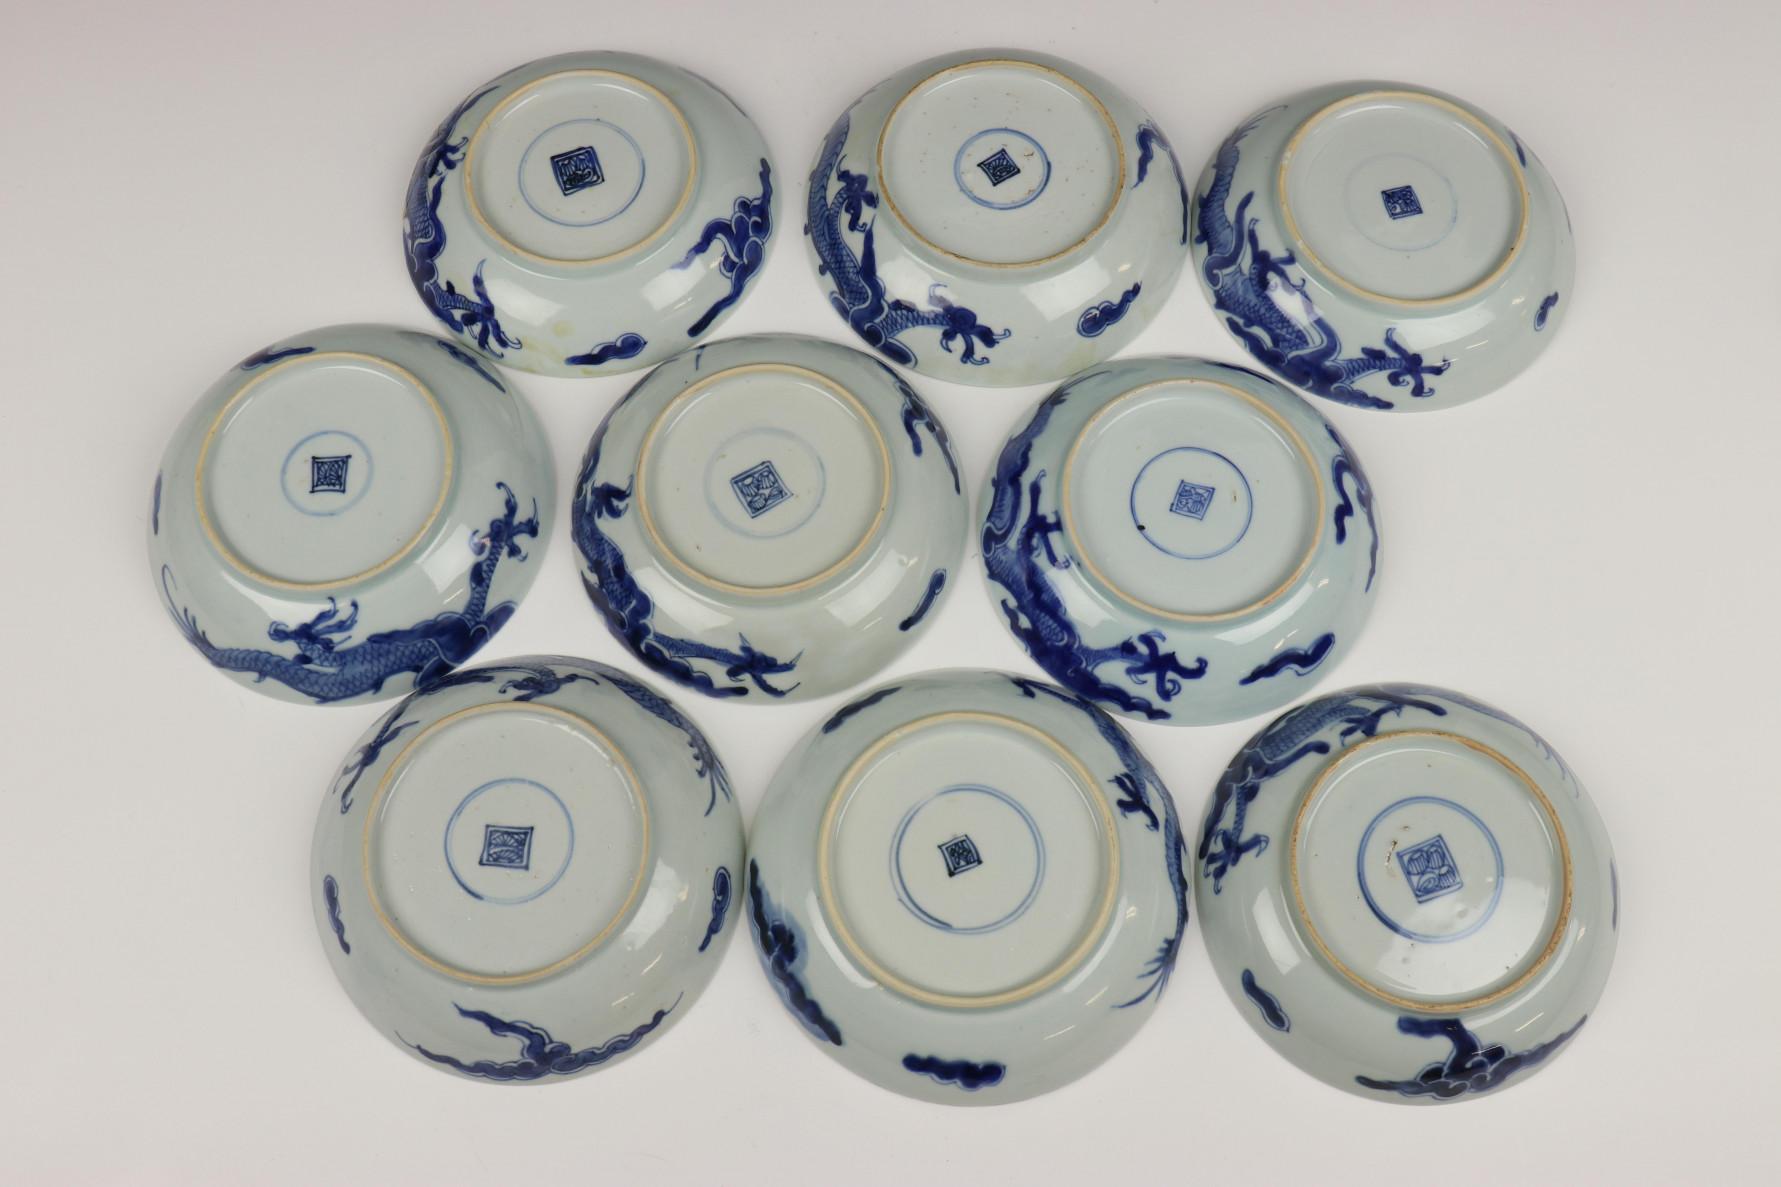 China, serie van negen blauw-wit porseleinen bordjes, Qing dynastie, waarschijnlijk Jiaqing, - Image 2 of 9